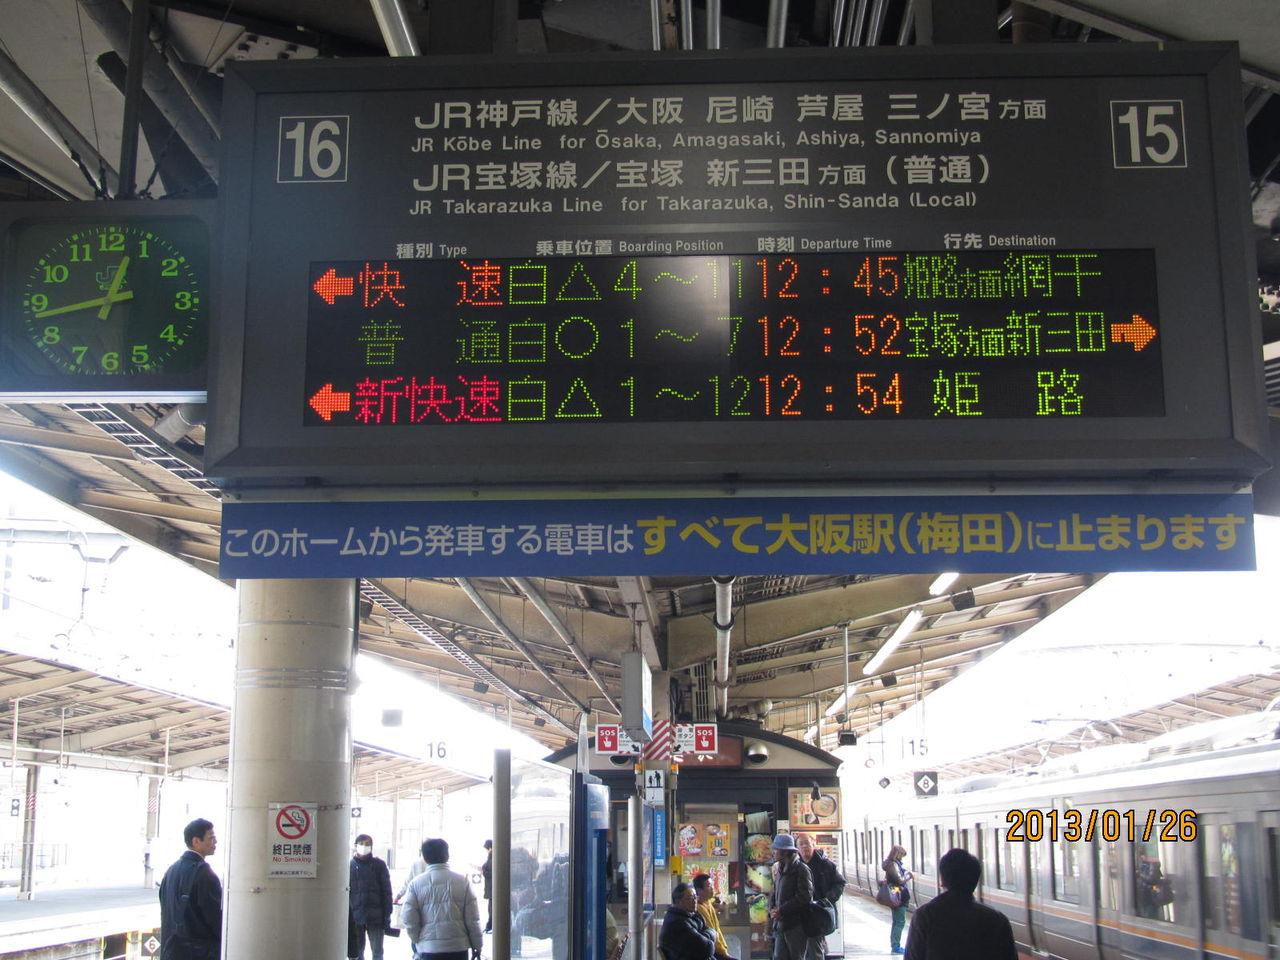 JR新大阪から16番線発